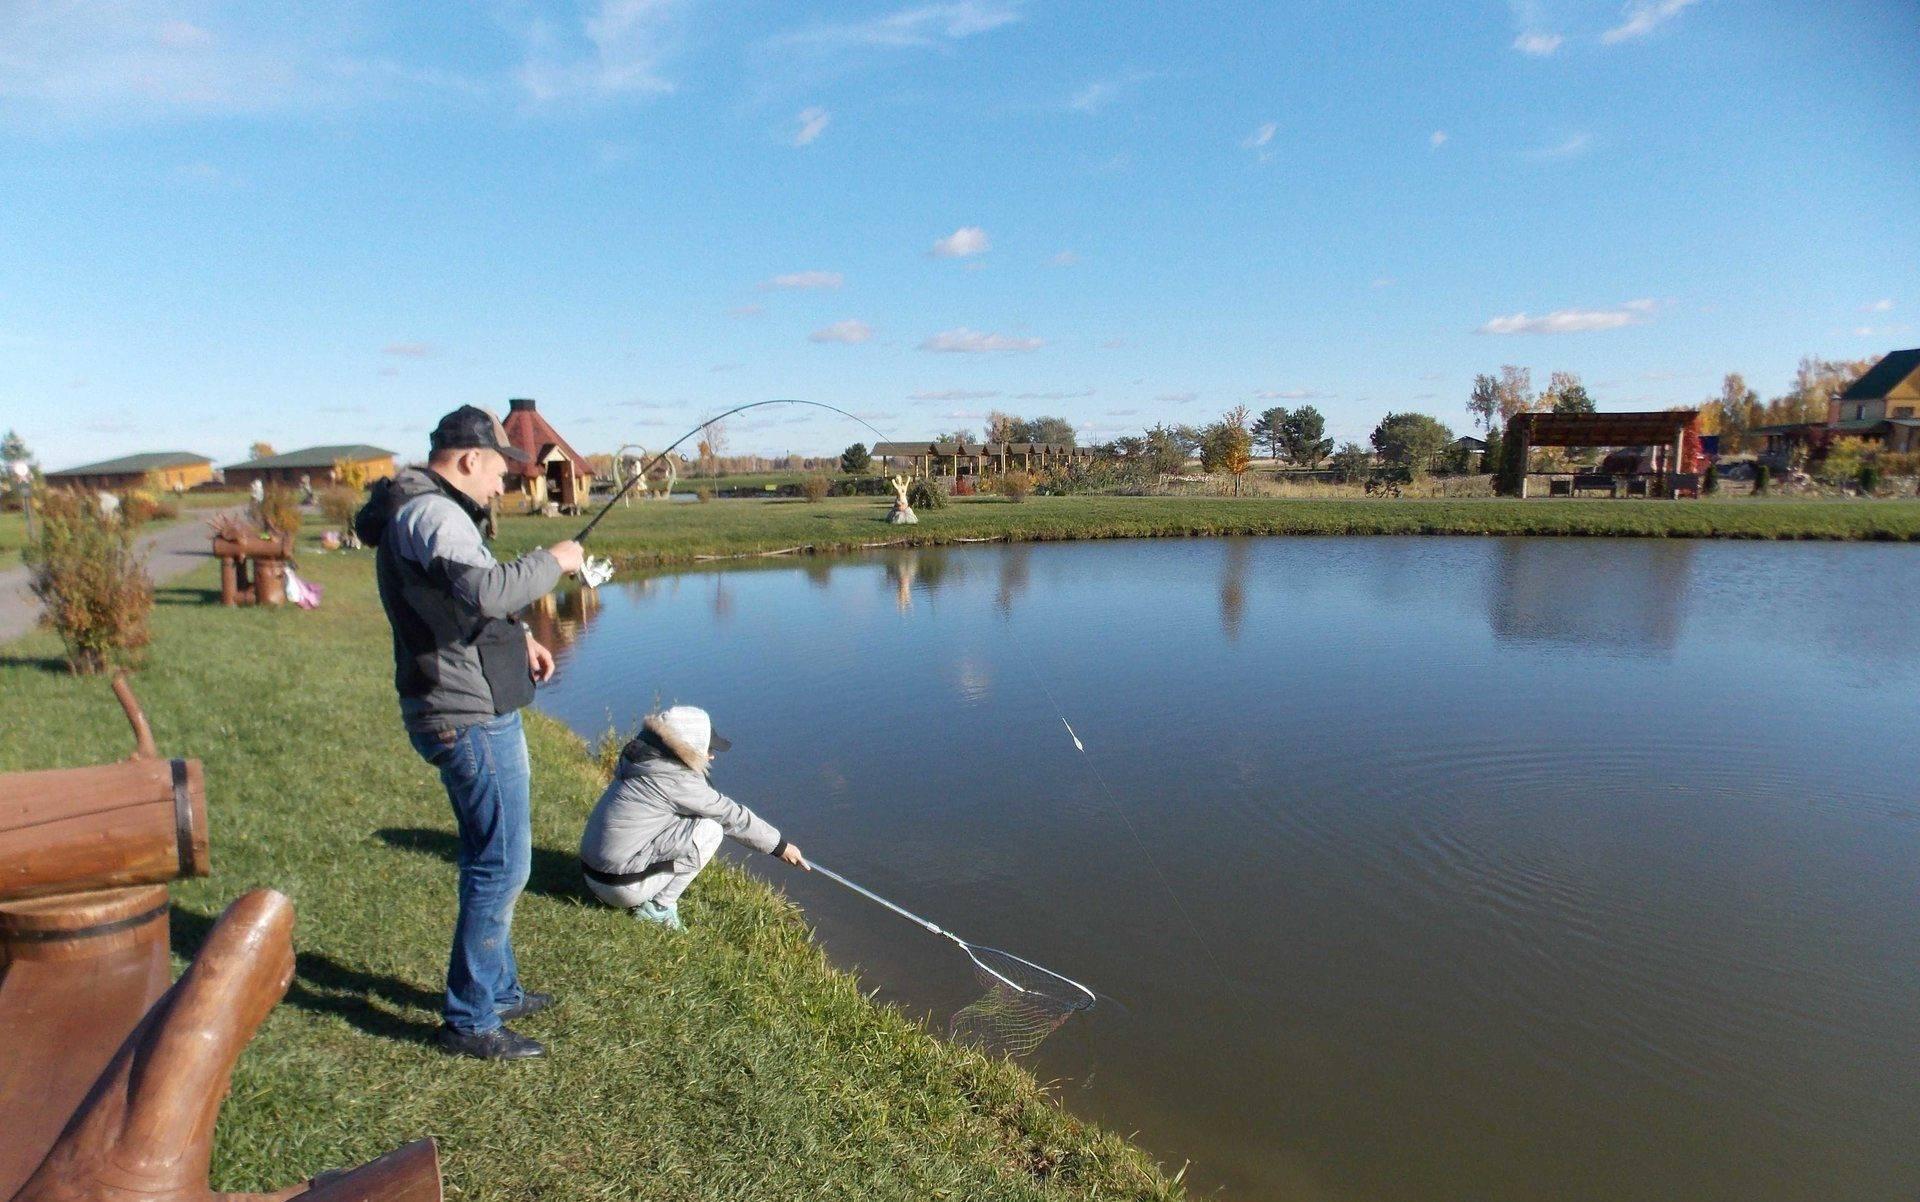 Рыболовная база отдыха ихтиолог - фотографии, цены, прайс, услуги, отзывы, бронирование. деревня кушелово москва. 2020